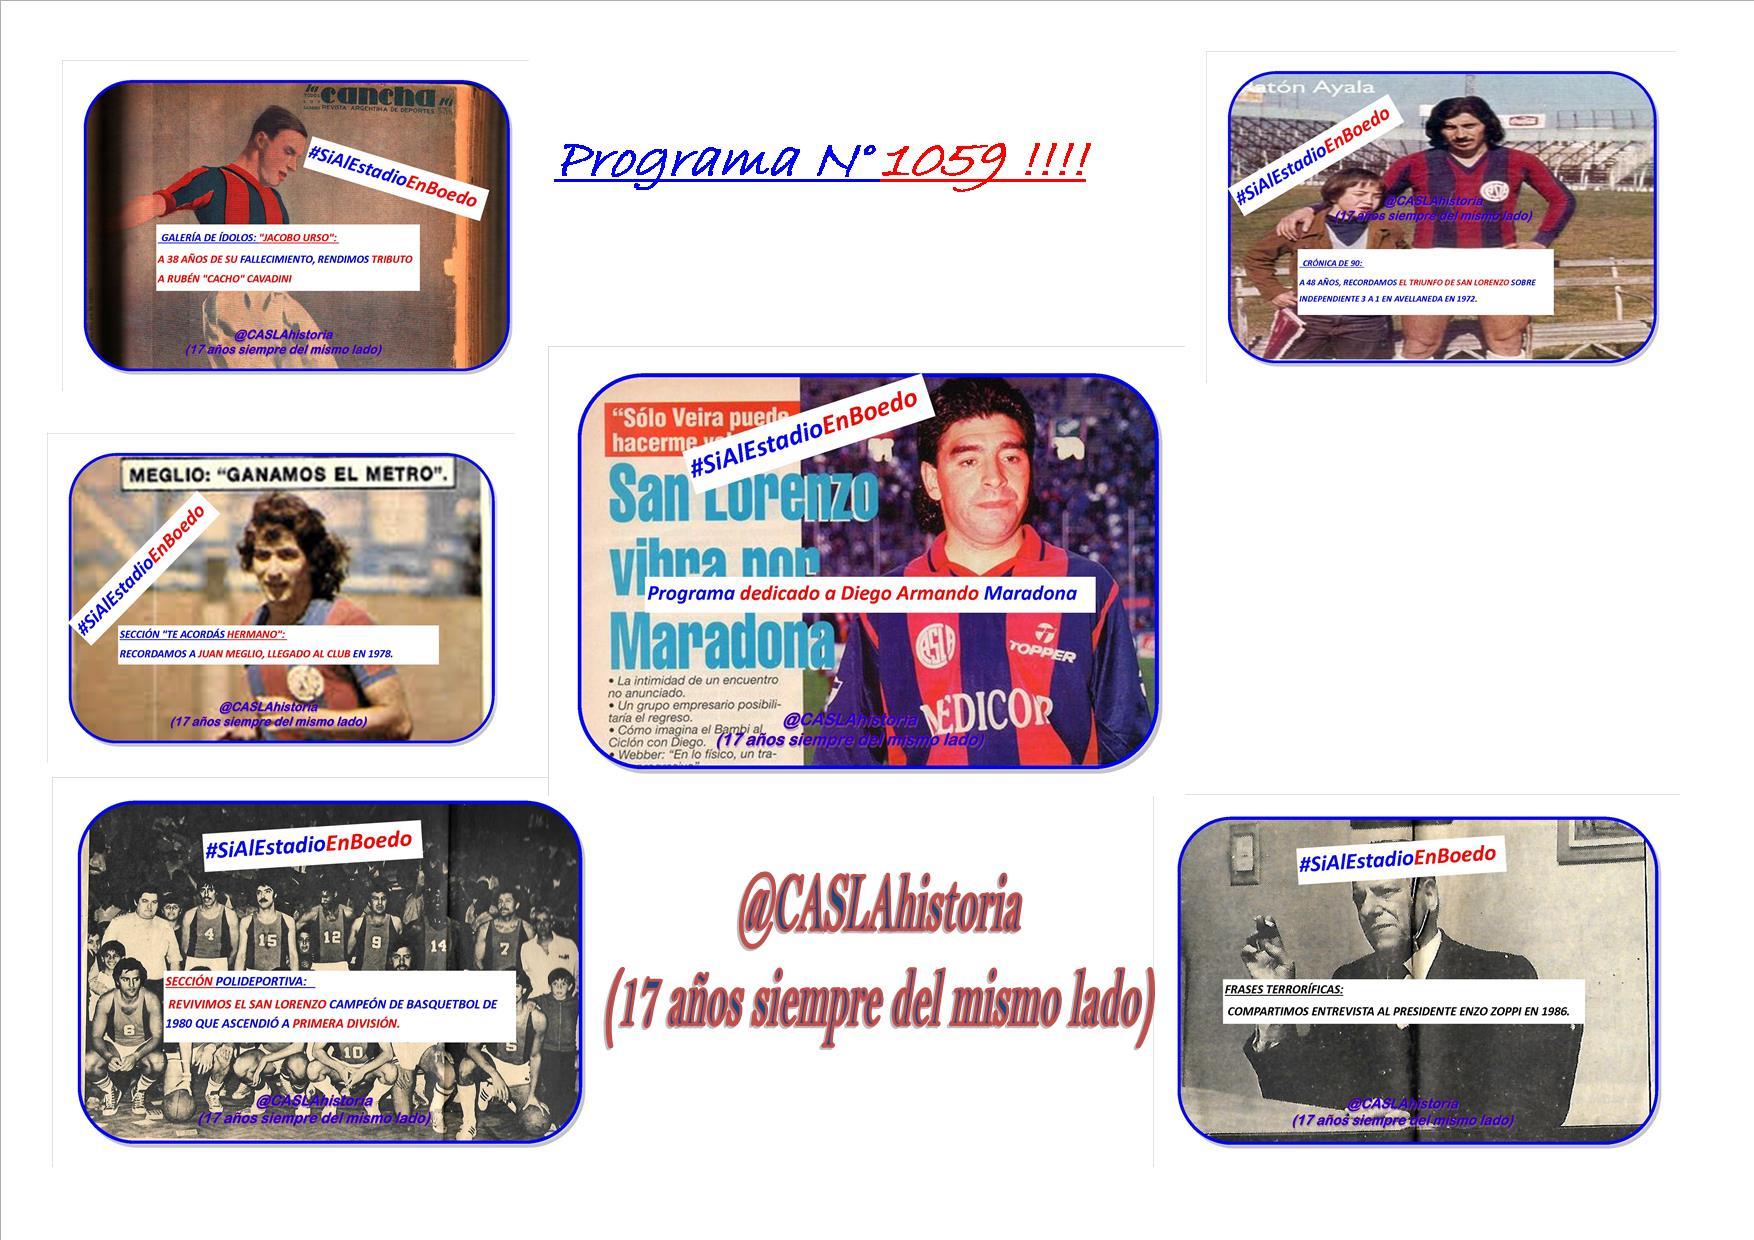 Programa N° 1059 !! » Dedicado a Diego Maradona,Victoria en Avellaneda,Cacho, Zoppi,Meglio,Ascenso Basquet»